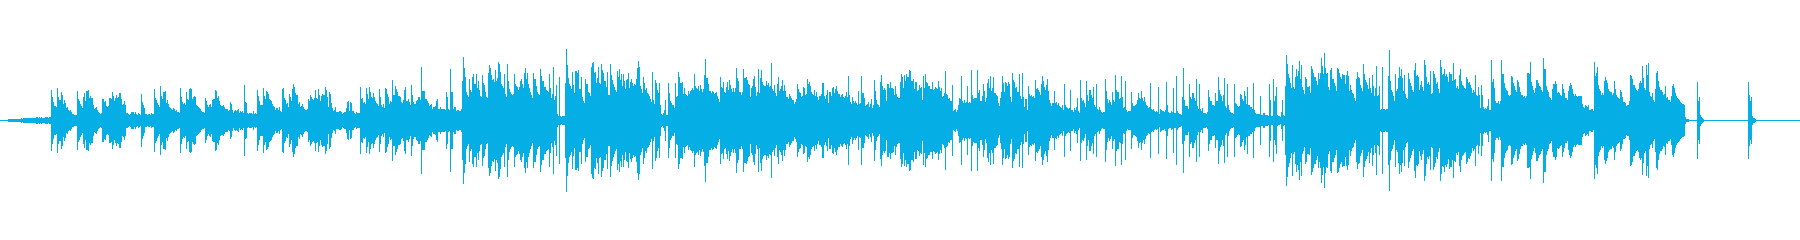 アンビエント、chill、やさしいBGMの再生済みの波形